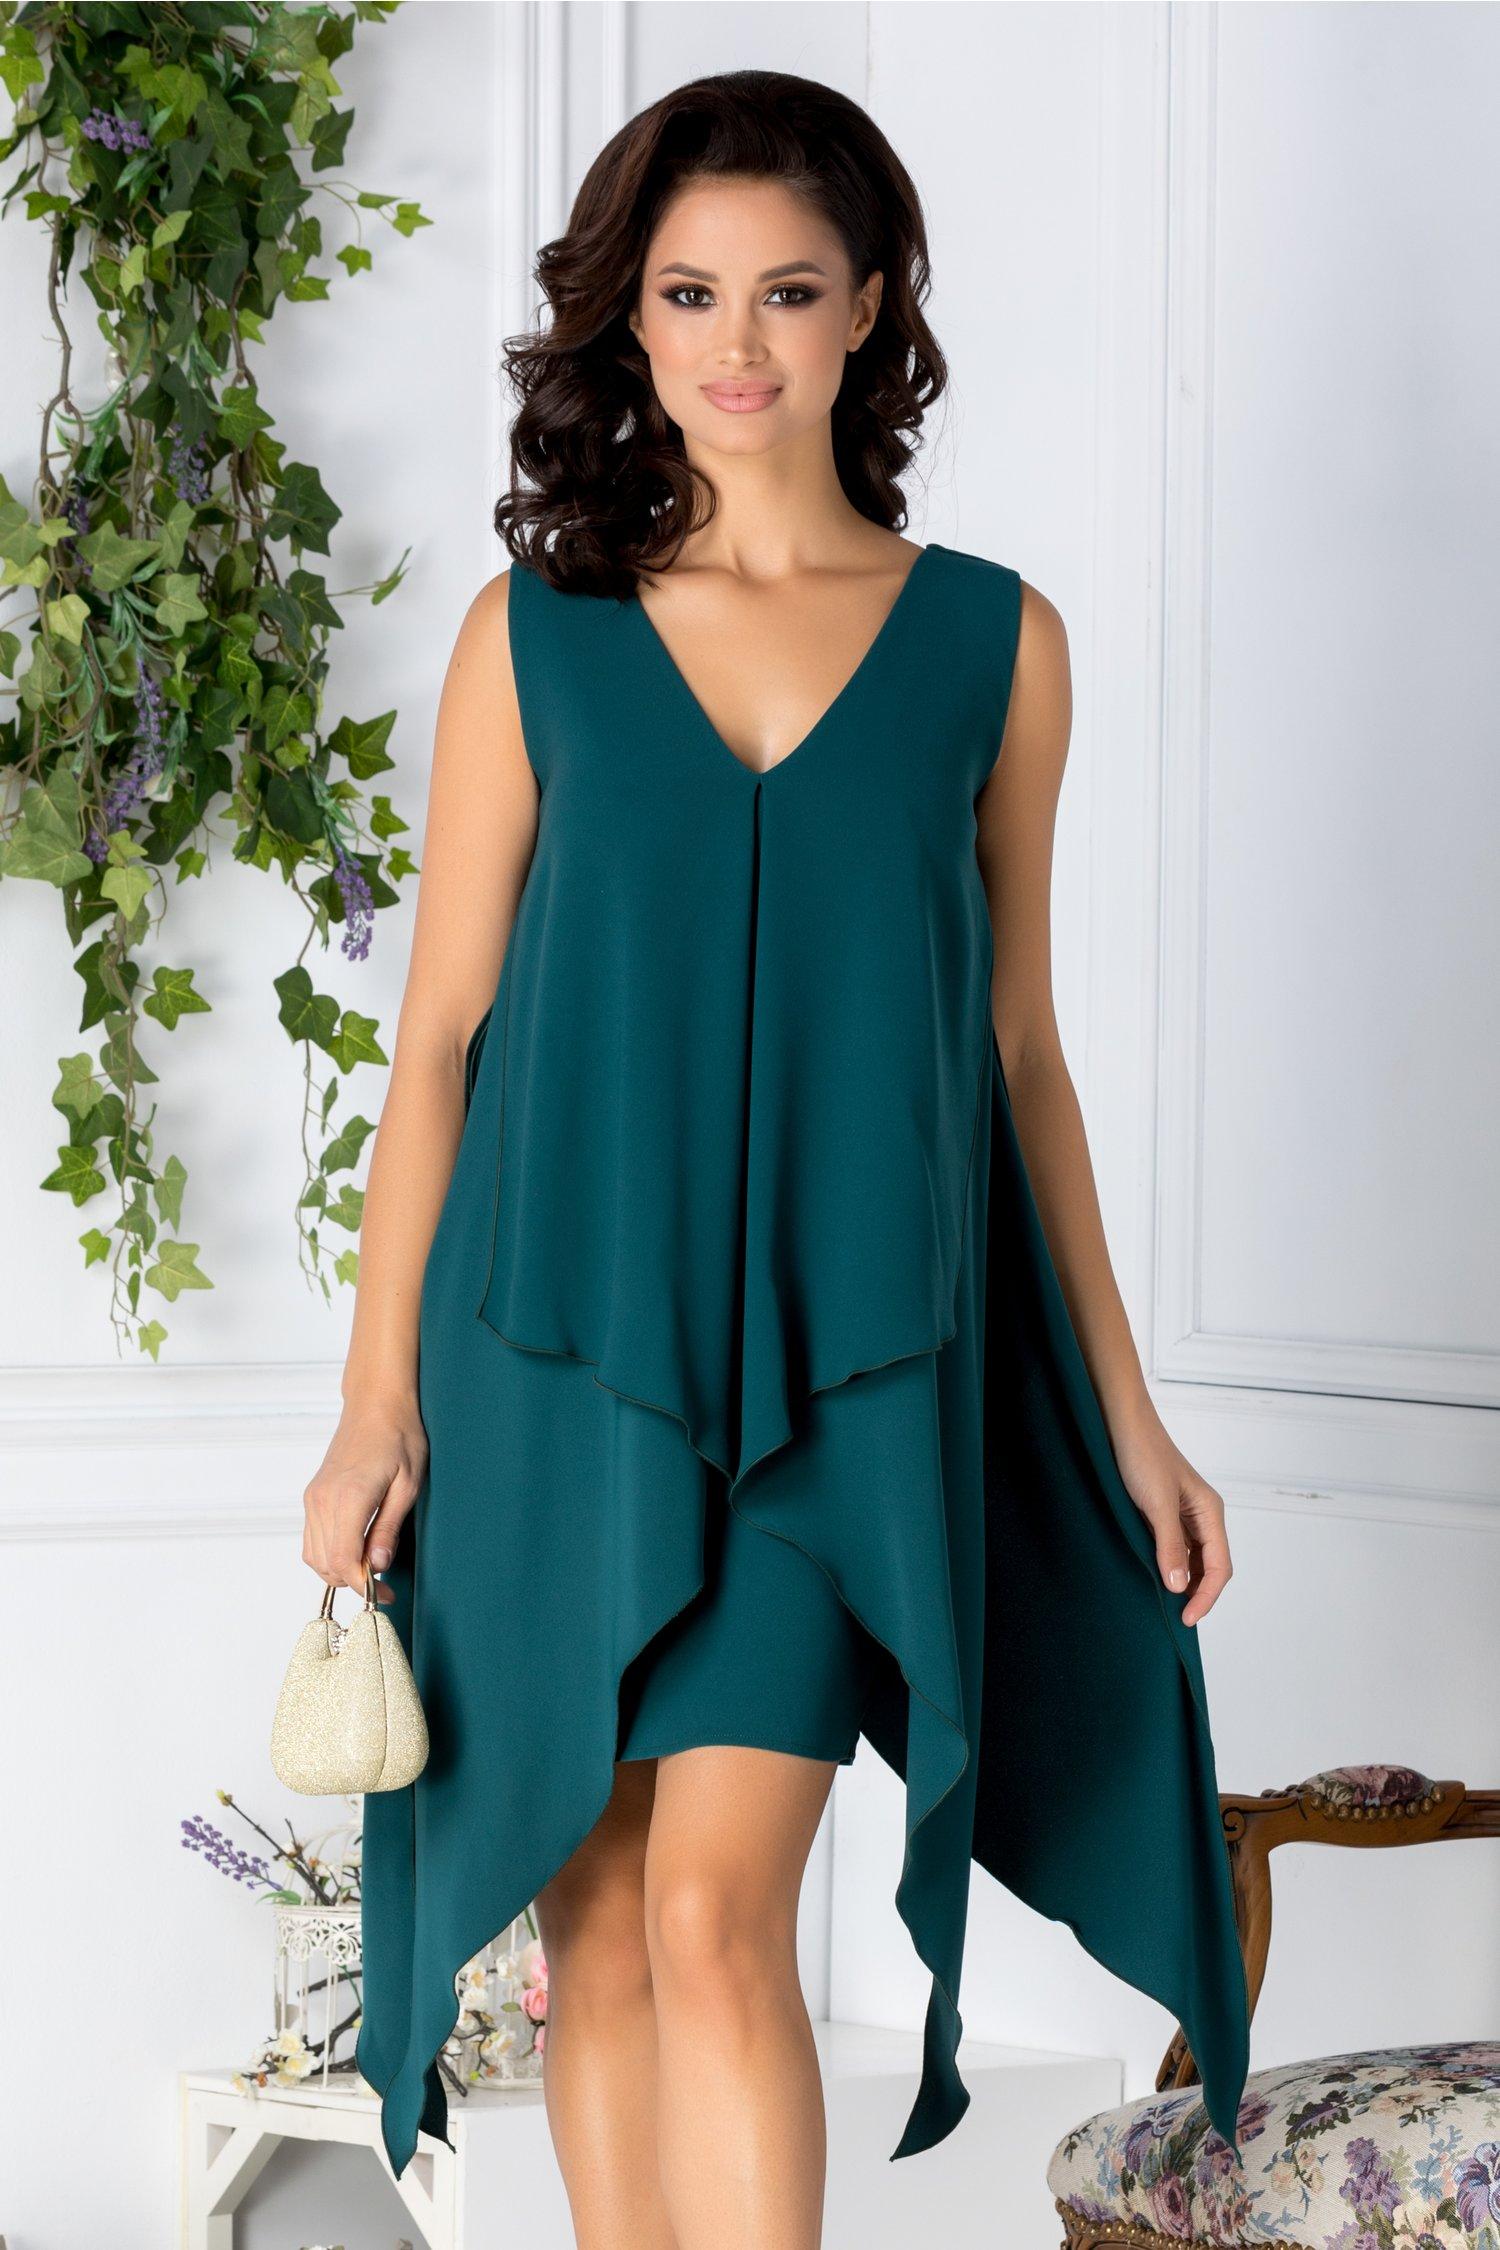 Rochie Brise verde scurta cu aplicatie stil capa